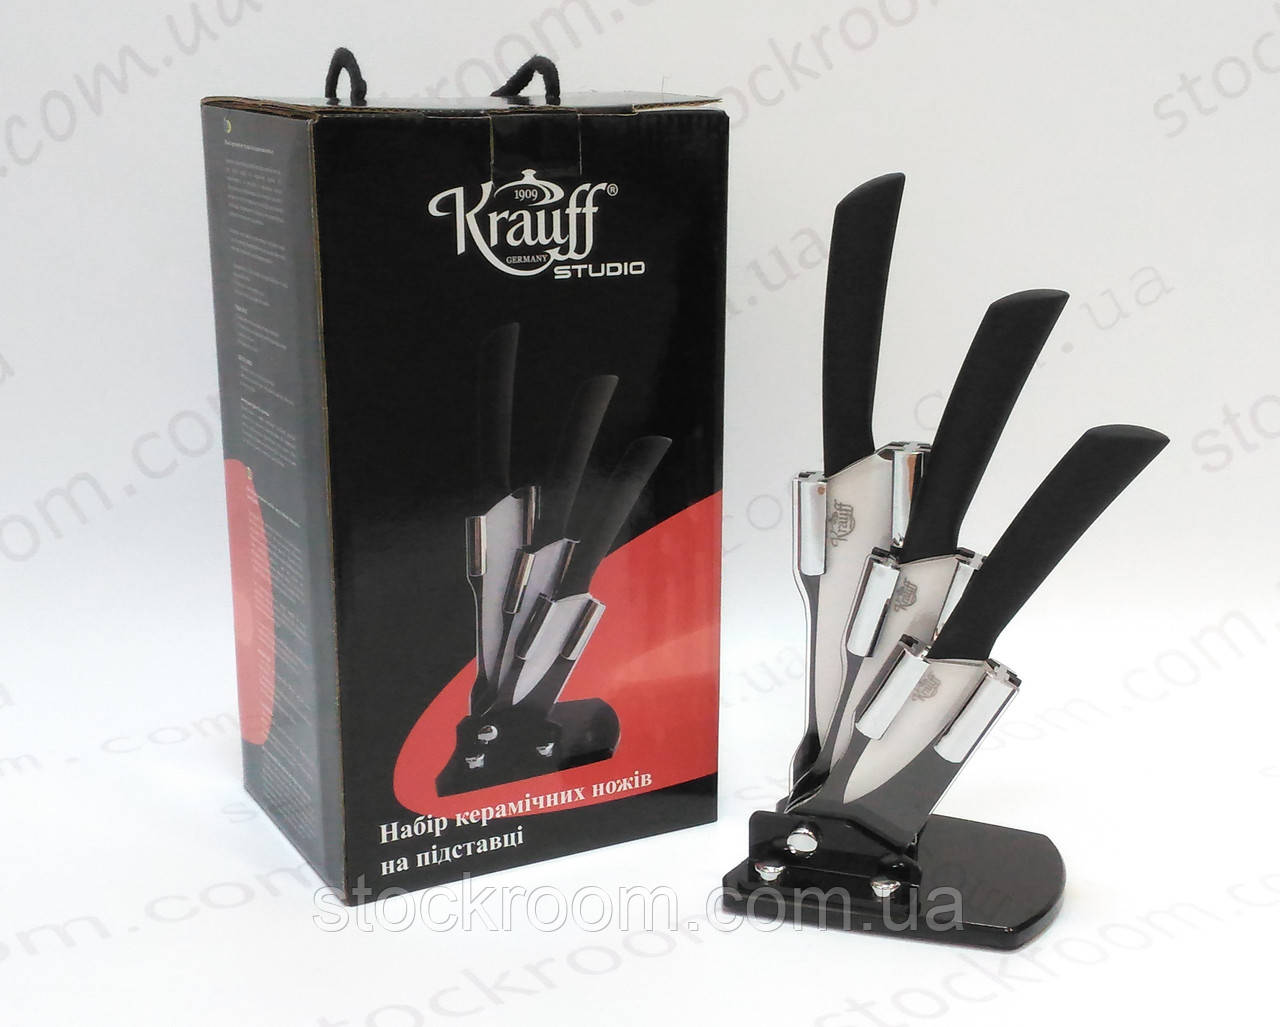 Набор керамических ножей Krauff 29-166-006 на подставке